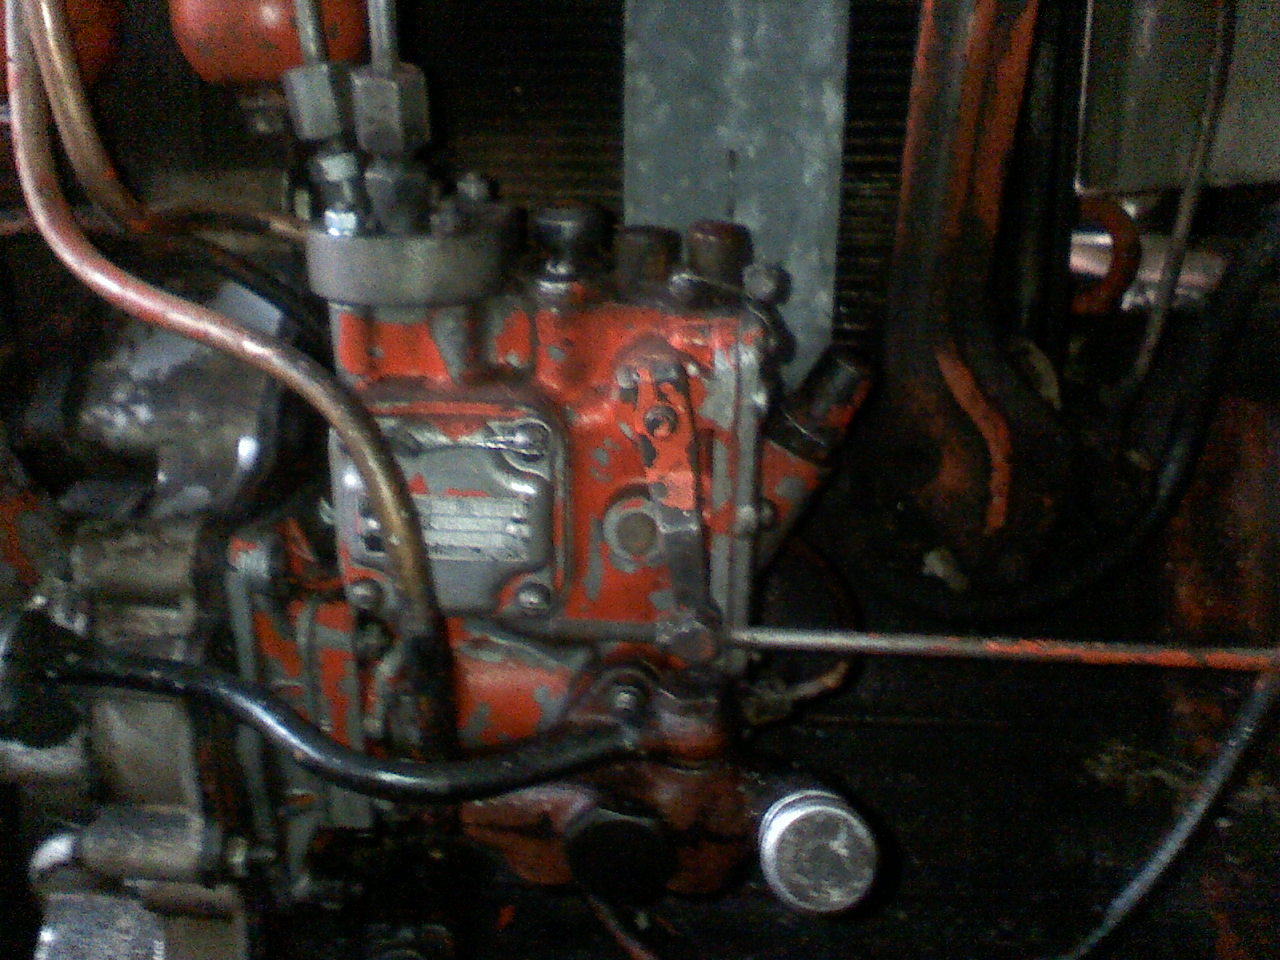 ci�gnik T25 - wymiana oleju w pompie paliwowej